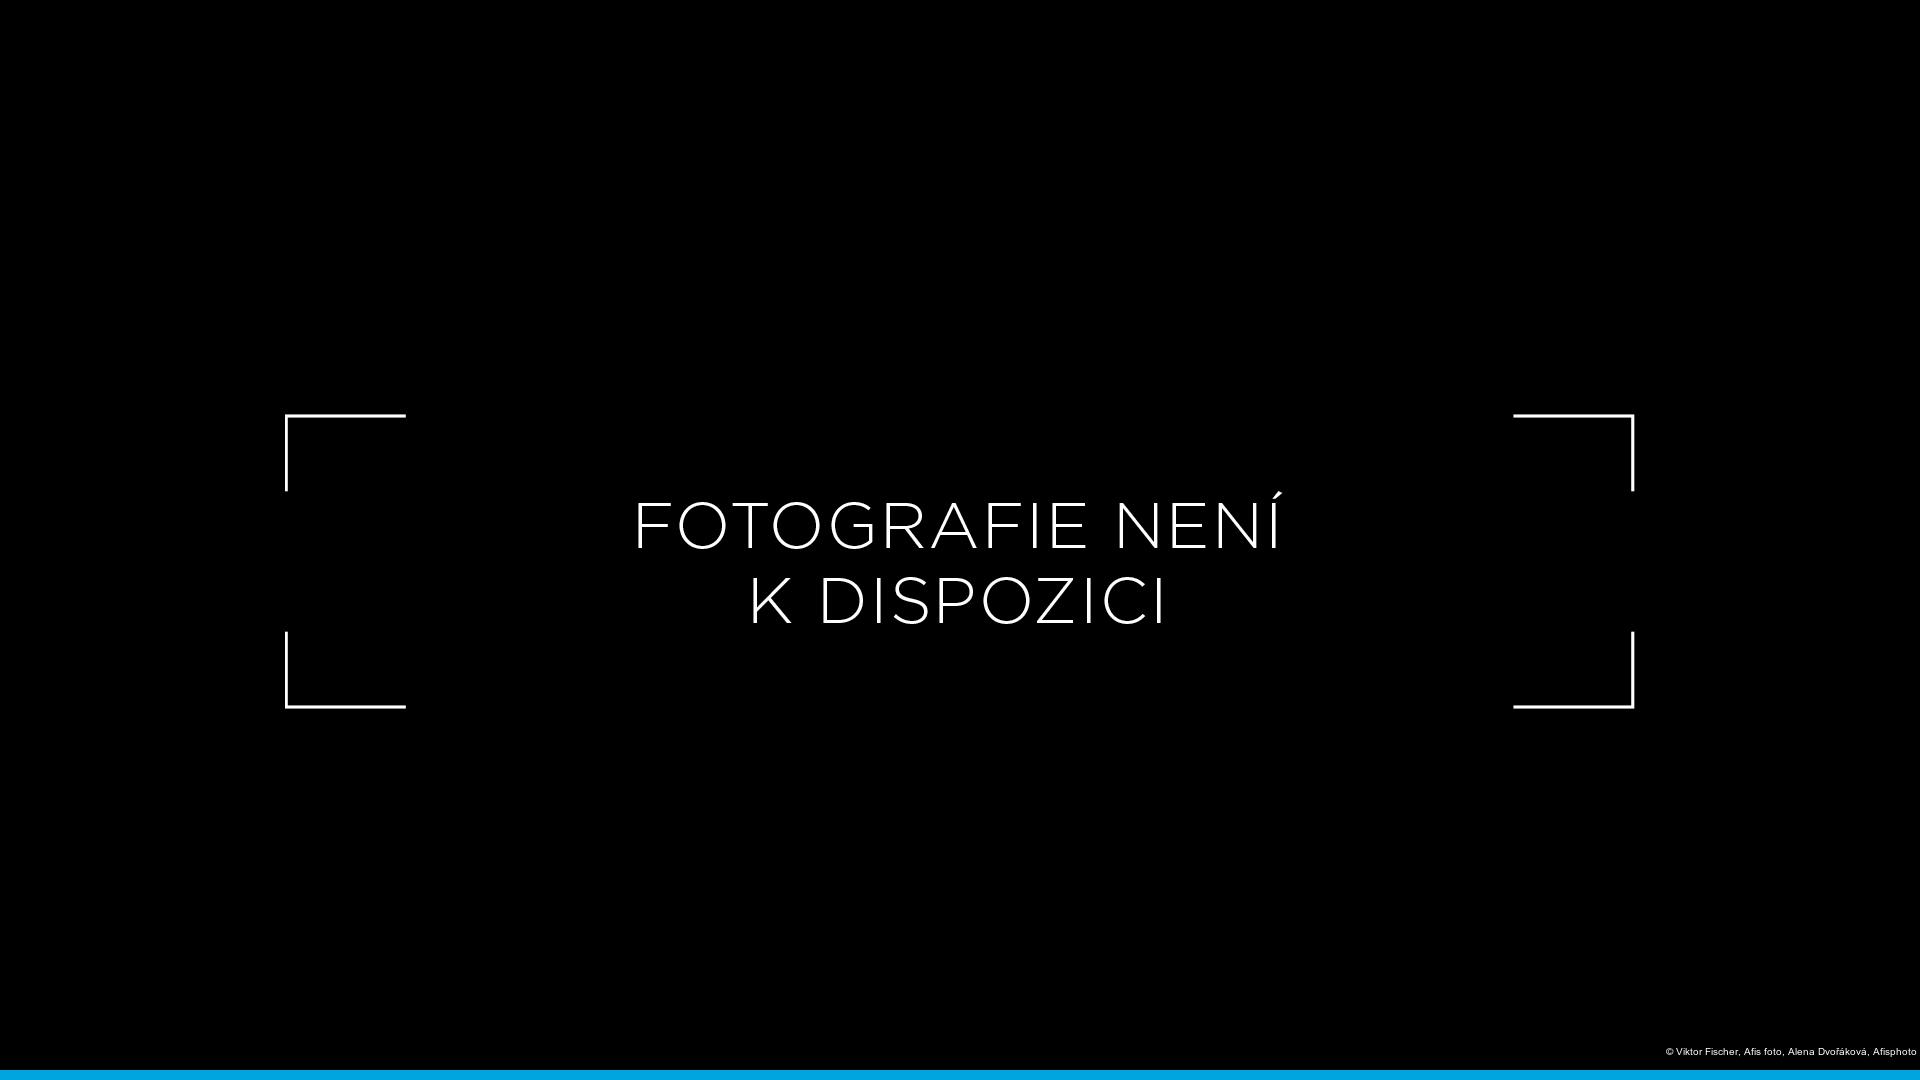 Viktor Fischer, Afis foto, Alena Dvořáková, Afisphoto